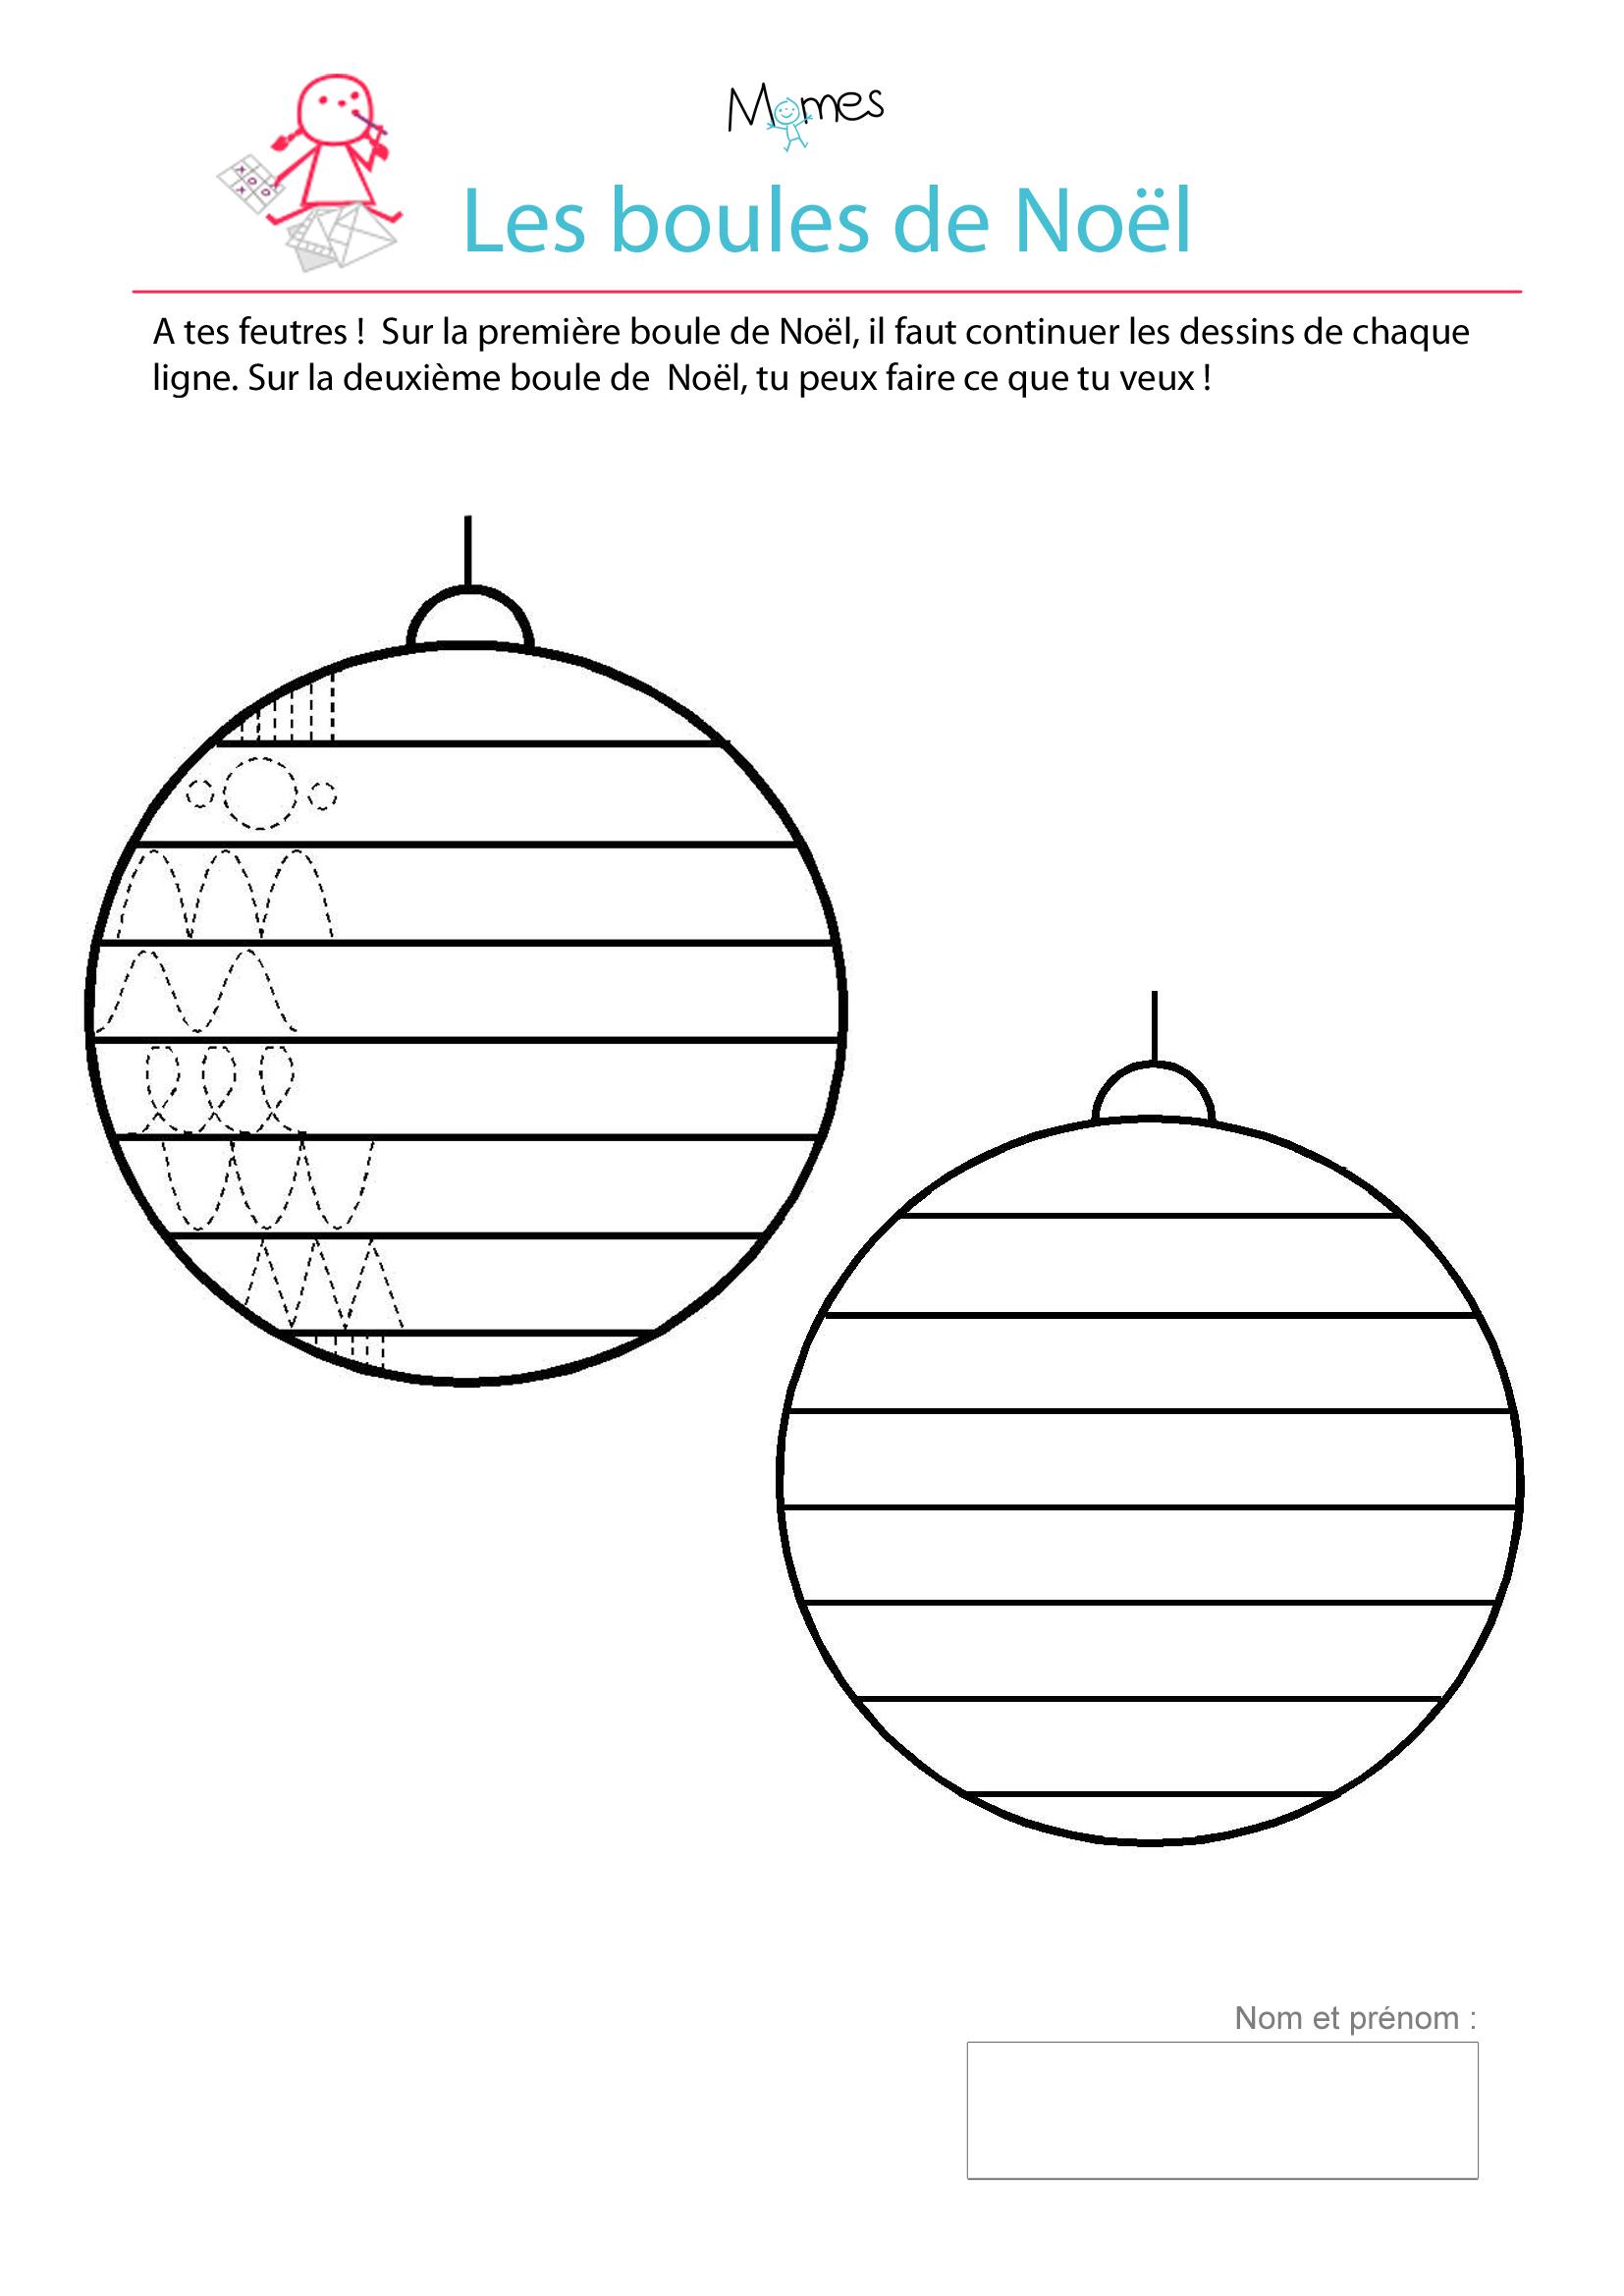 Décore Les Boules De Noël - Exercice De Tracé - Momes concernant Fiche D Exercice Grande Section A Imprimer